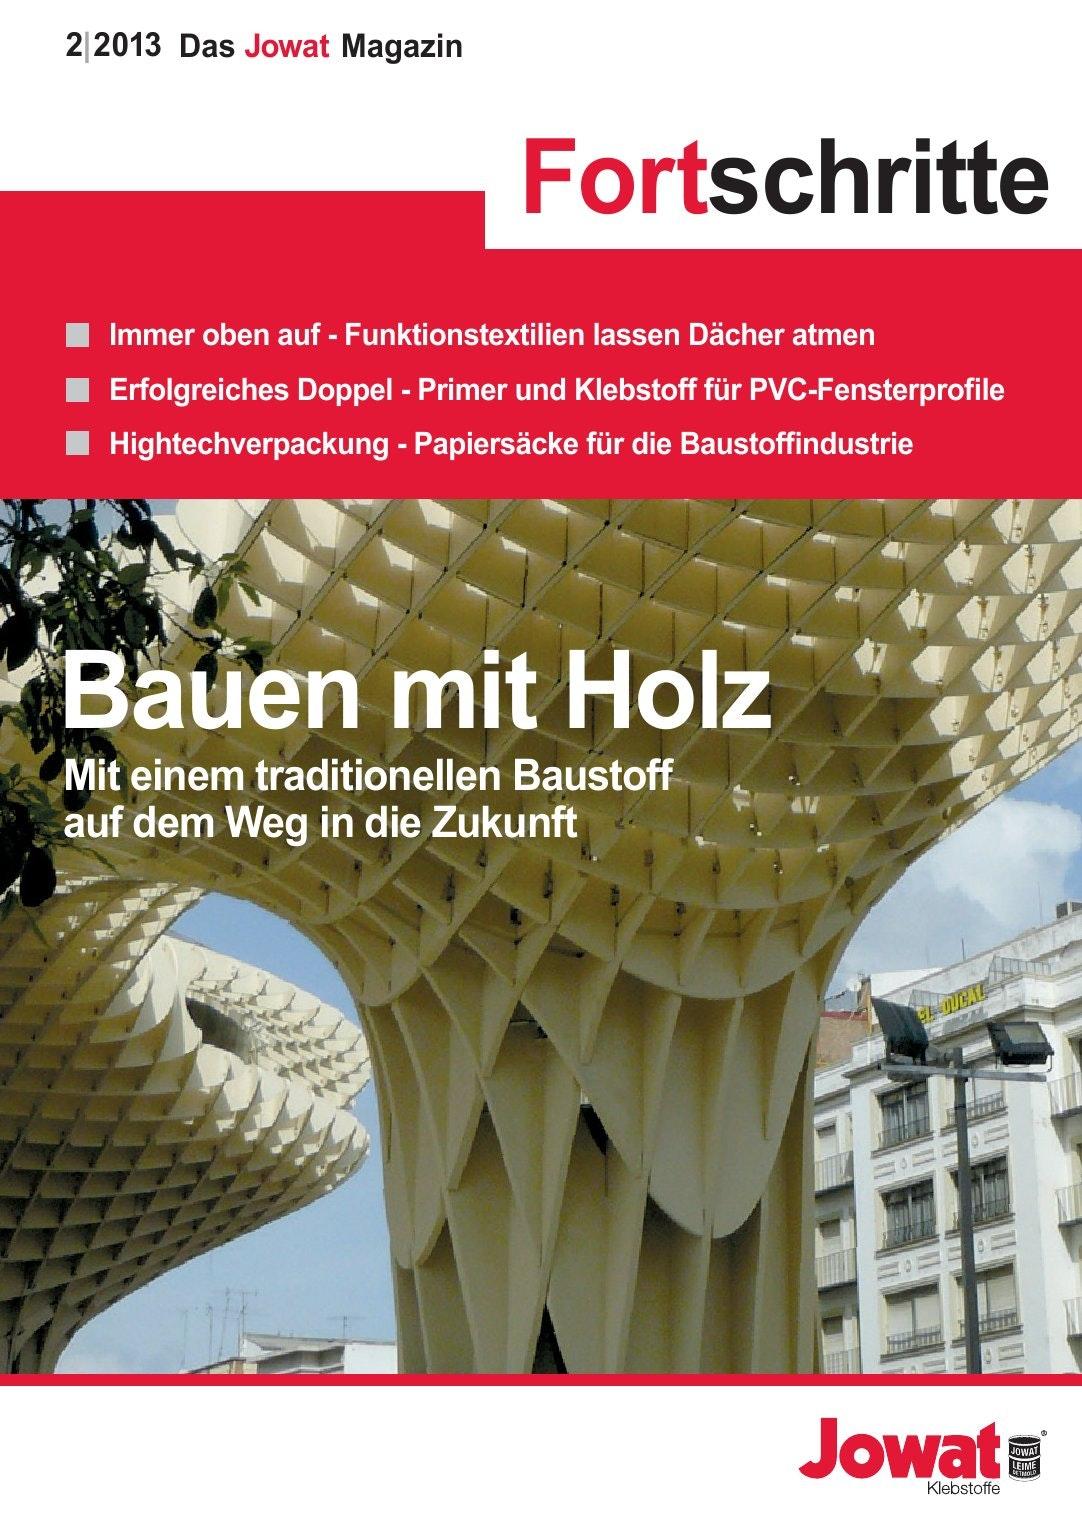 Fortschritte, Ausgabe 2/2013